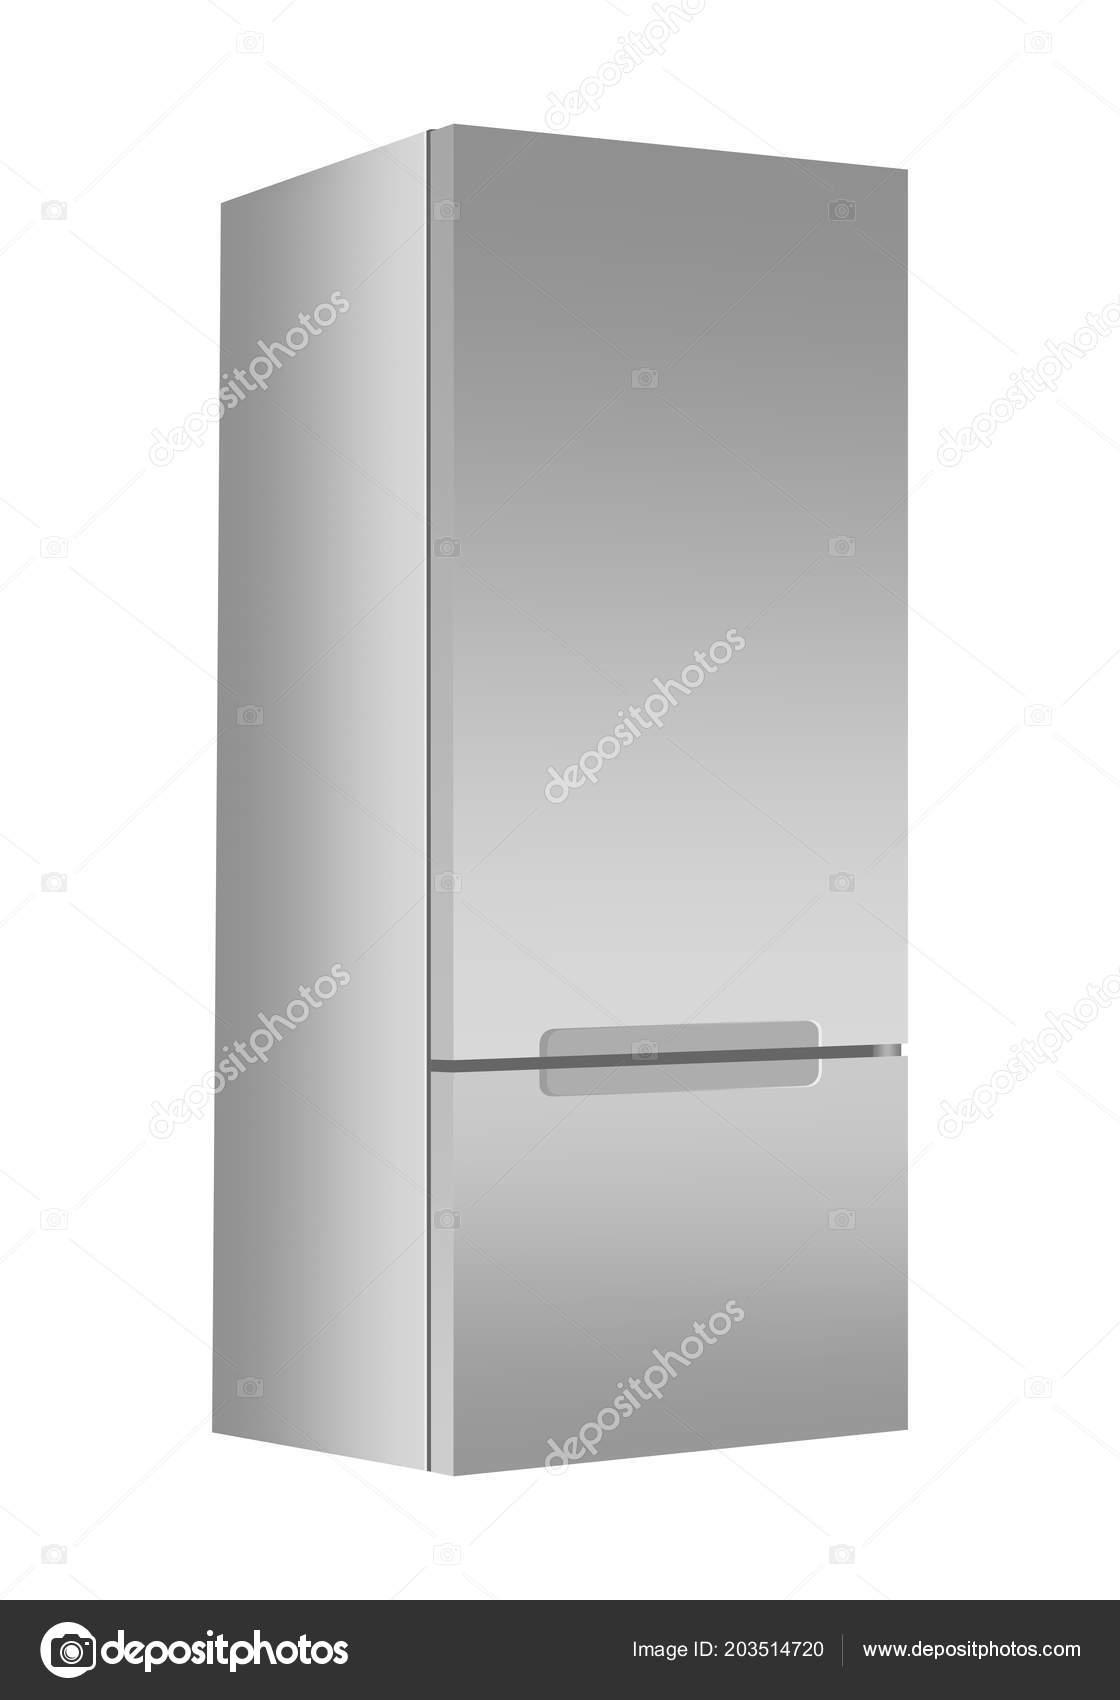 Silver Refrigerator Freezer White Background Modern Fridge Door Home ...